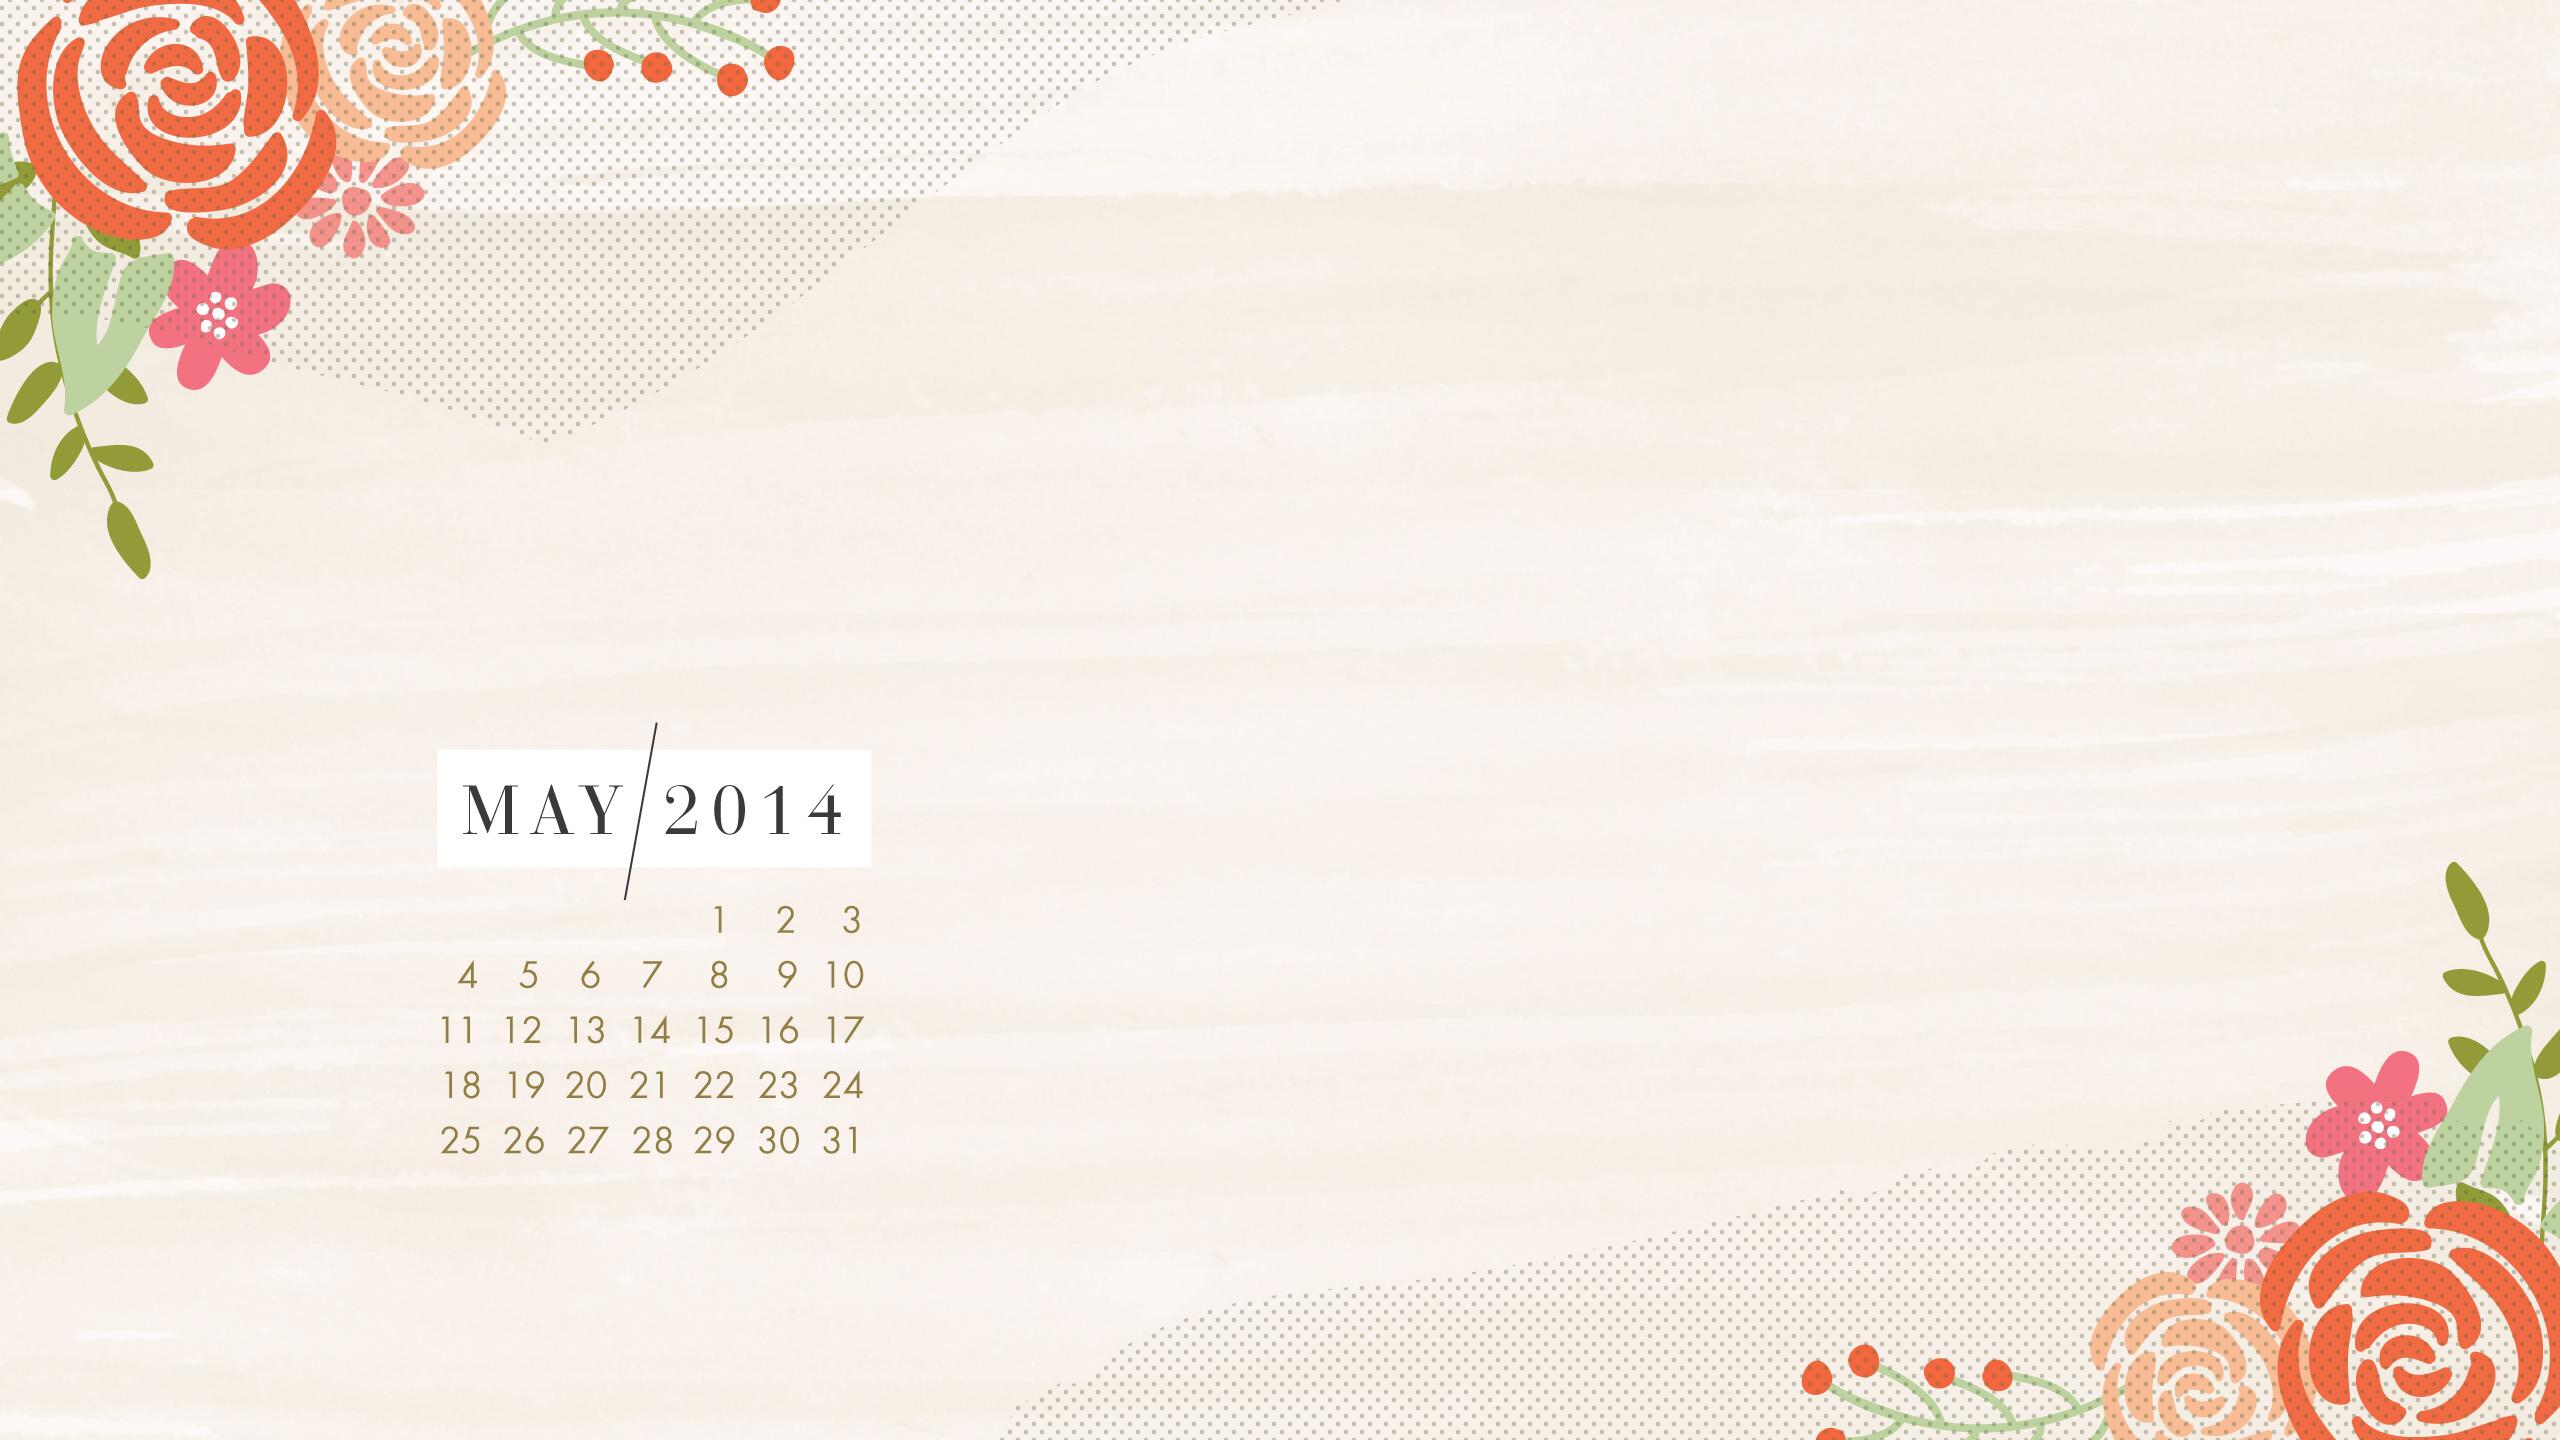 50] May Wallpaper for Desktop on WallpaperSafari 2560x1440